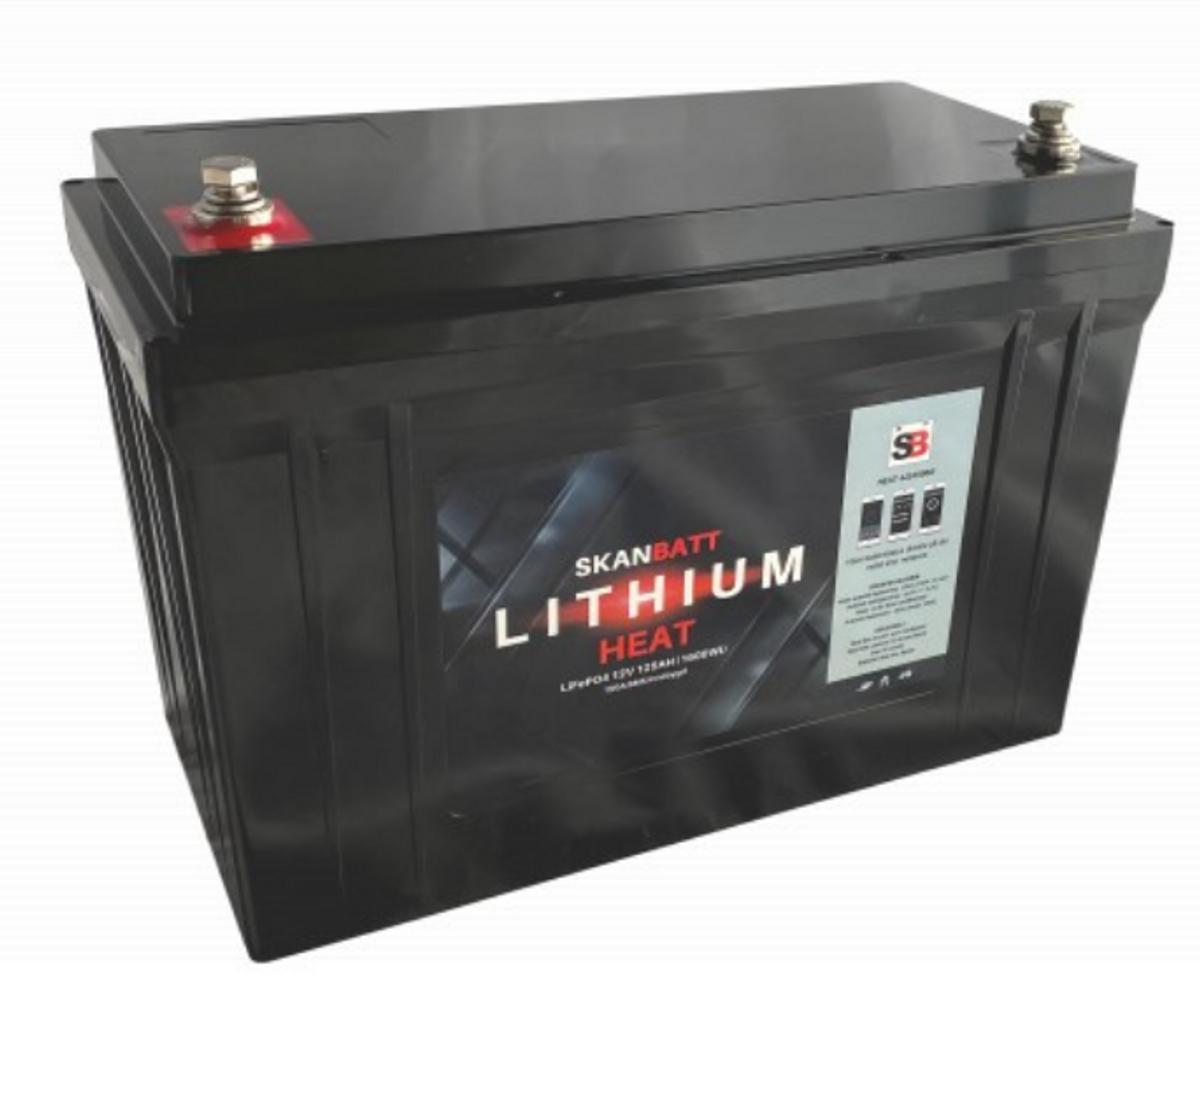 SKANBATT Lithium HEAT Pro 12V 125AH 150A BMS - NYHET